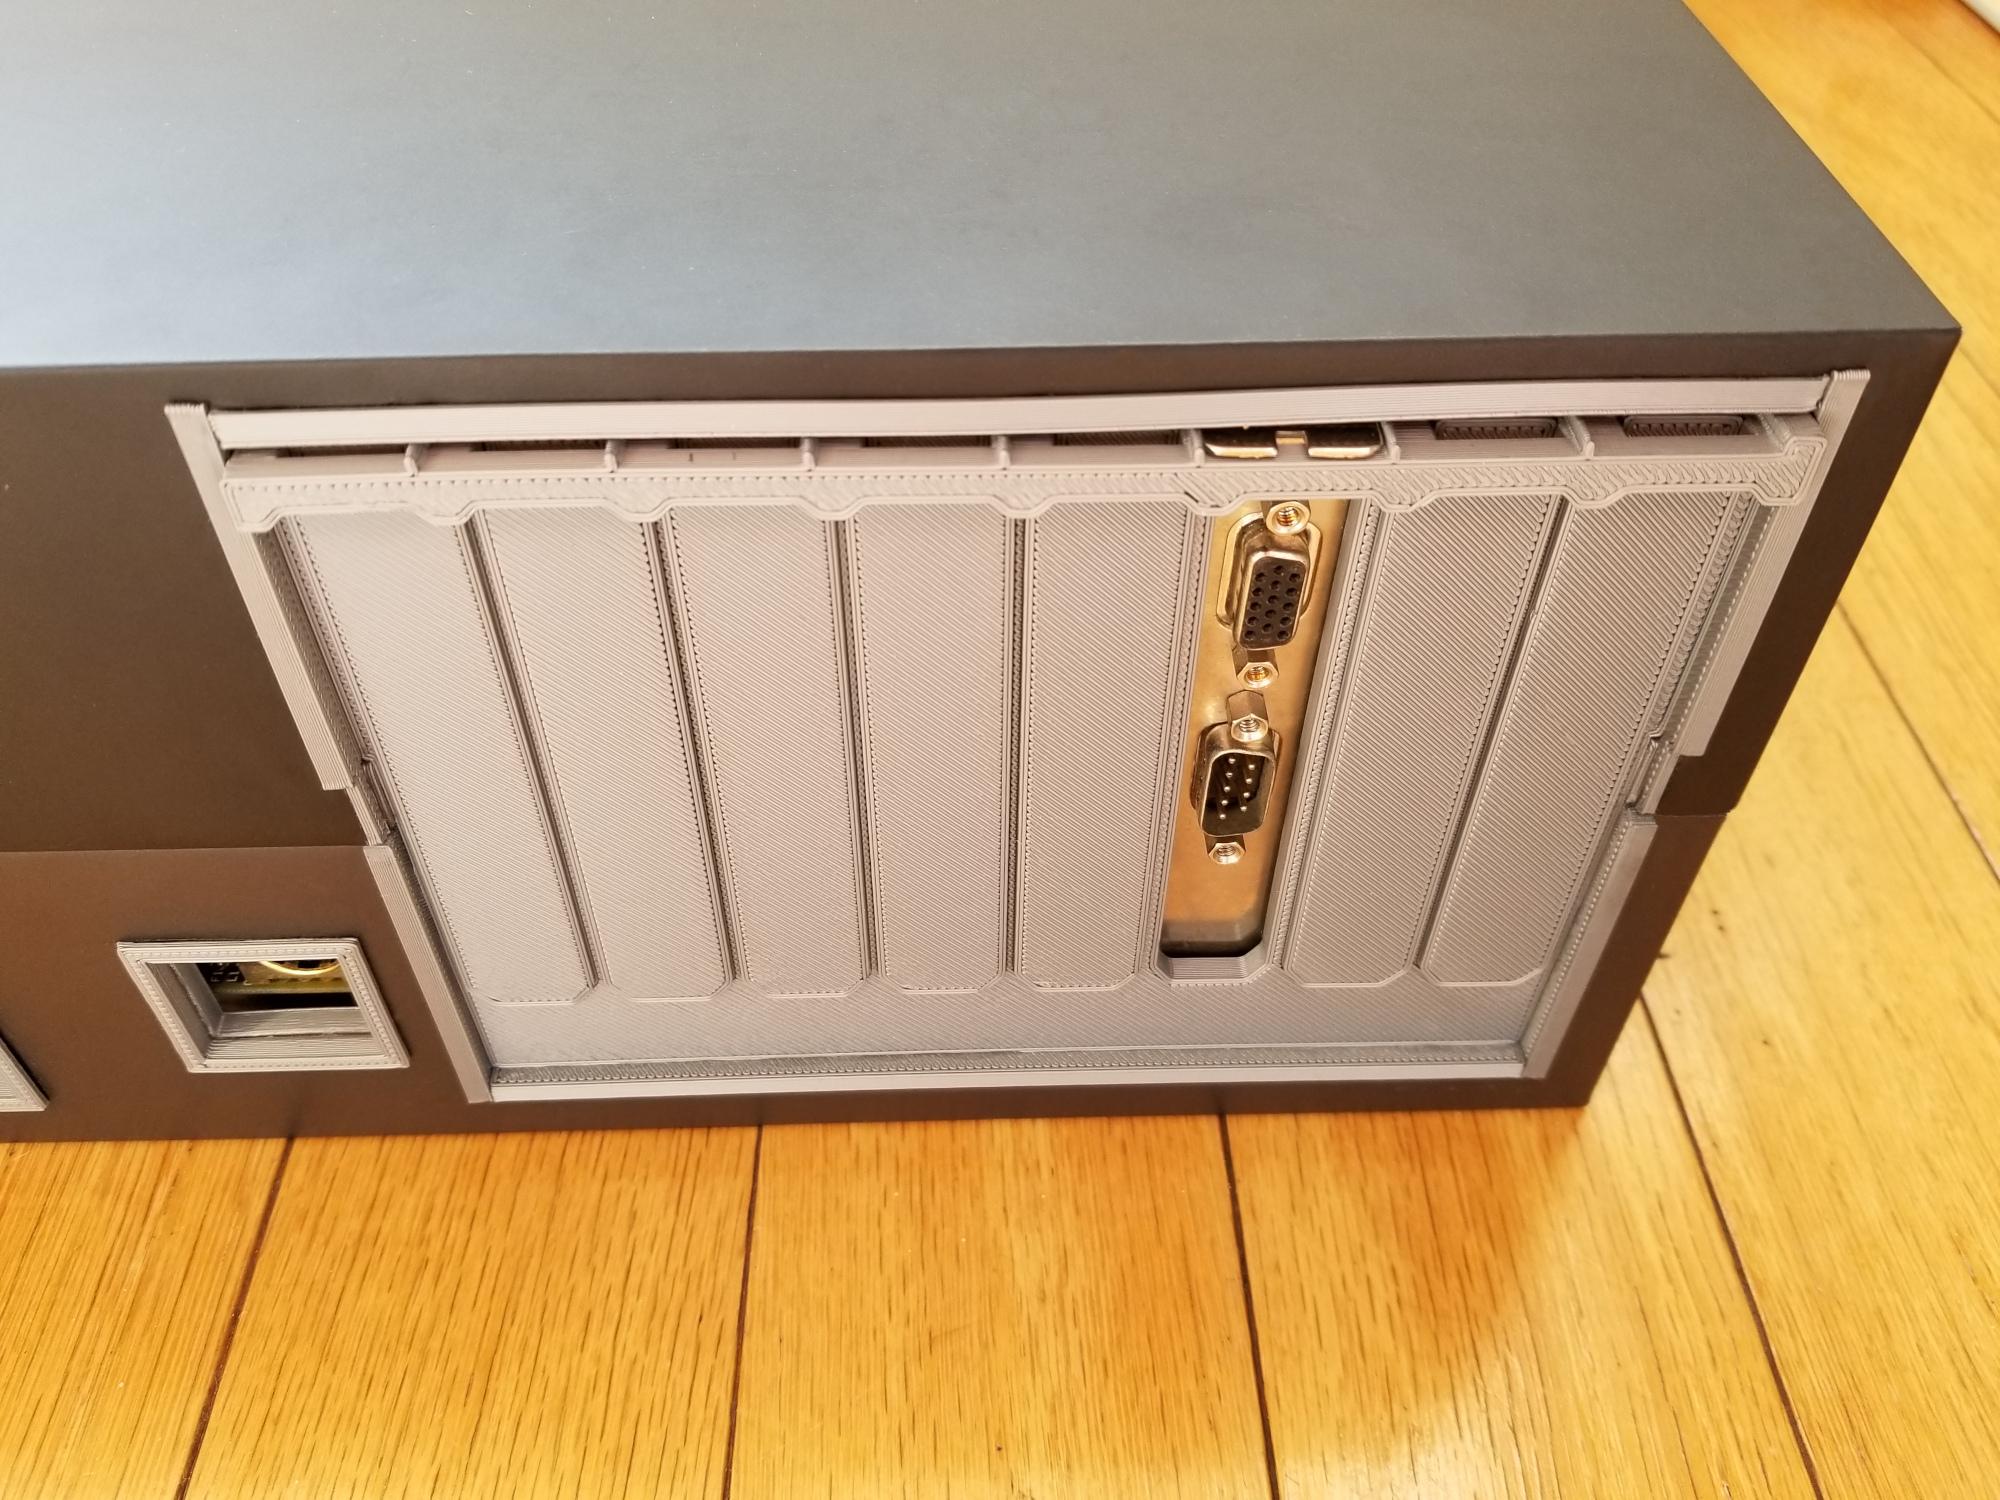 cardboard_case_16.jpg